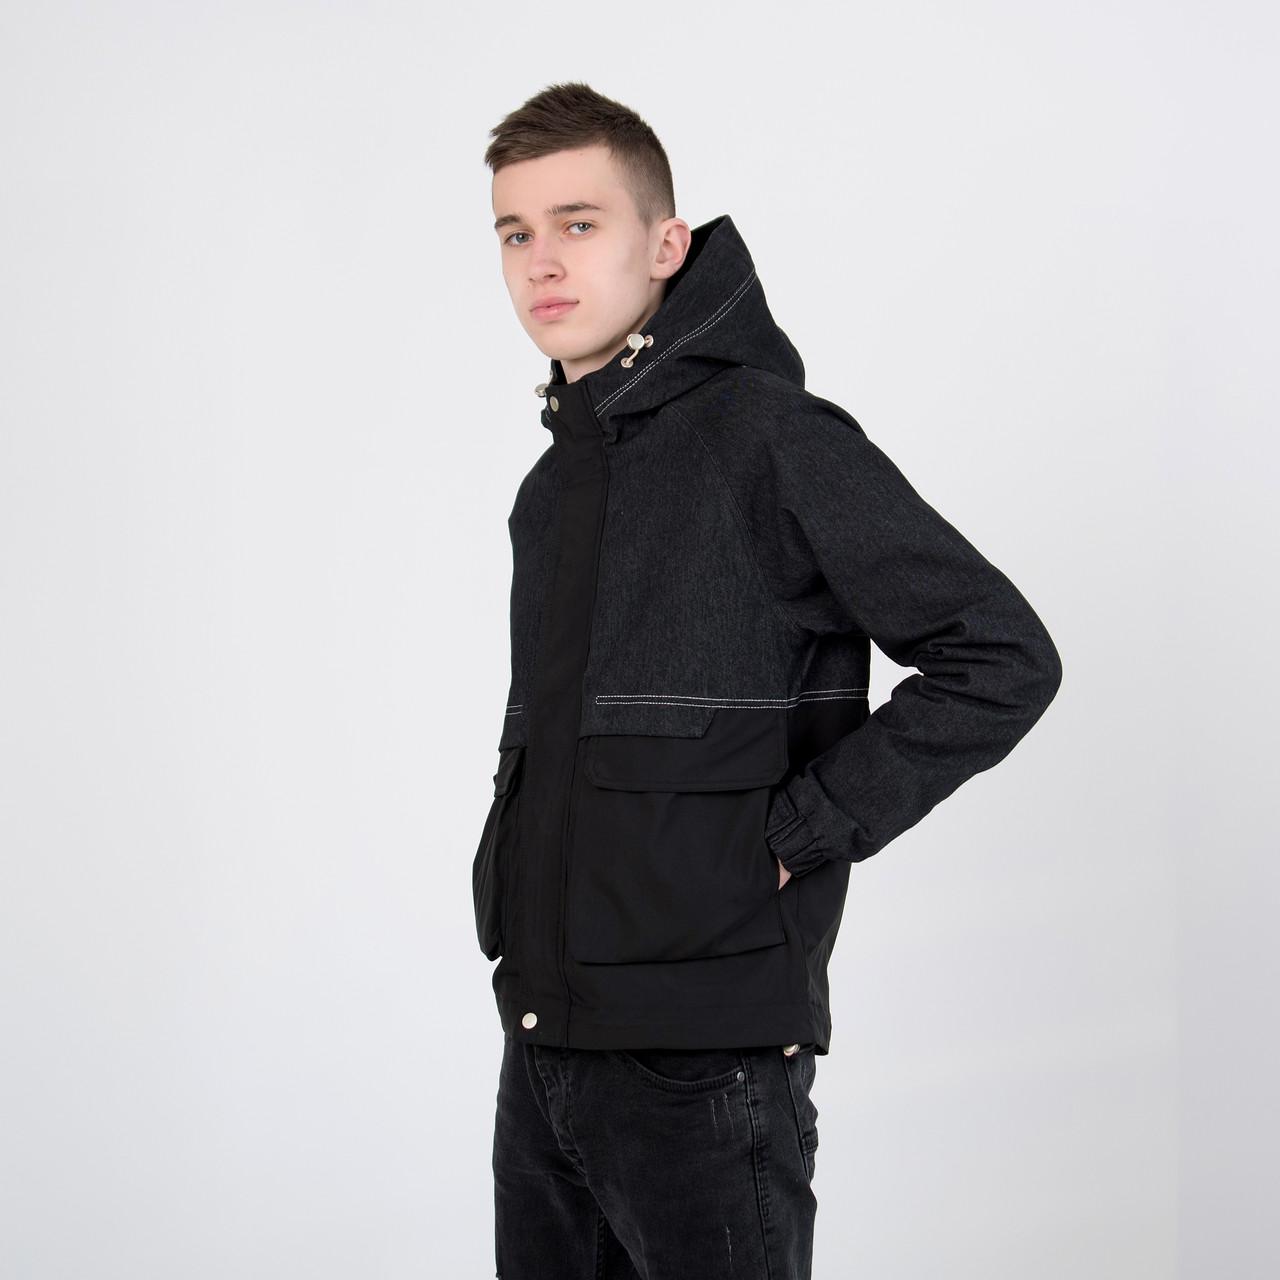 Чоловіча демісезонна куртка, комбінована